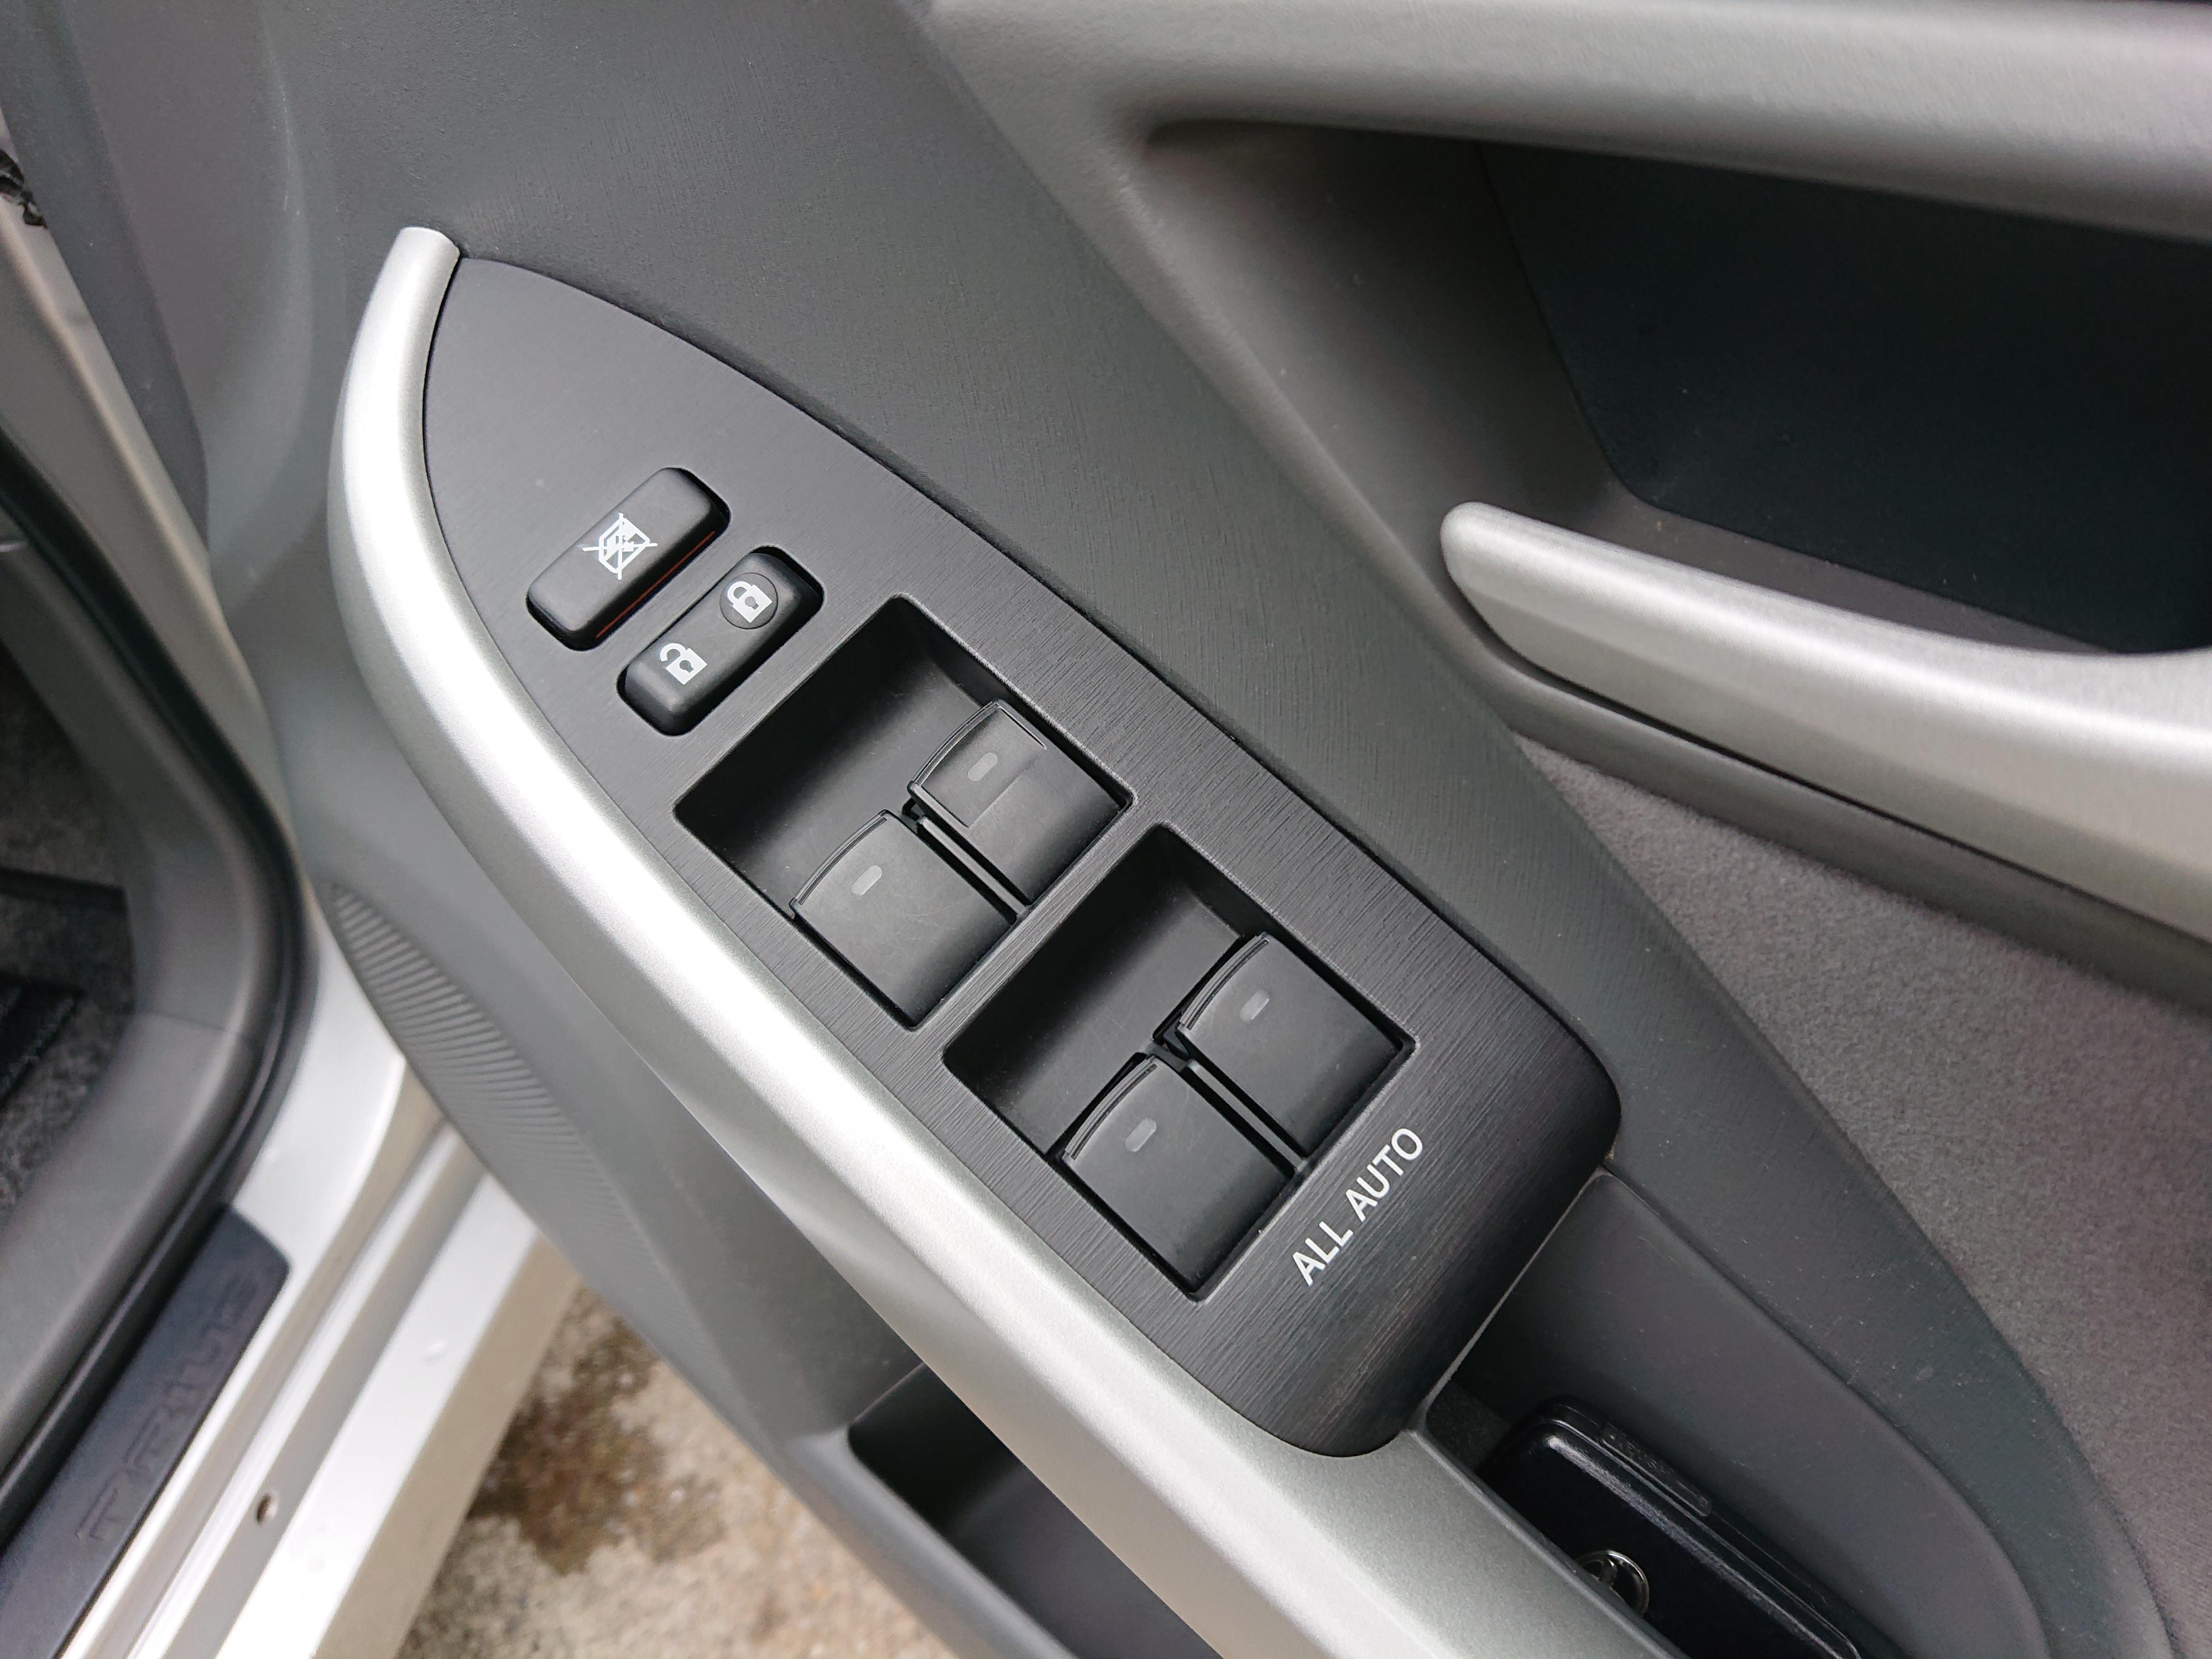 トヨタプリウス 5ドアSの車両写真 その11